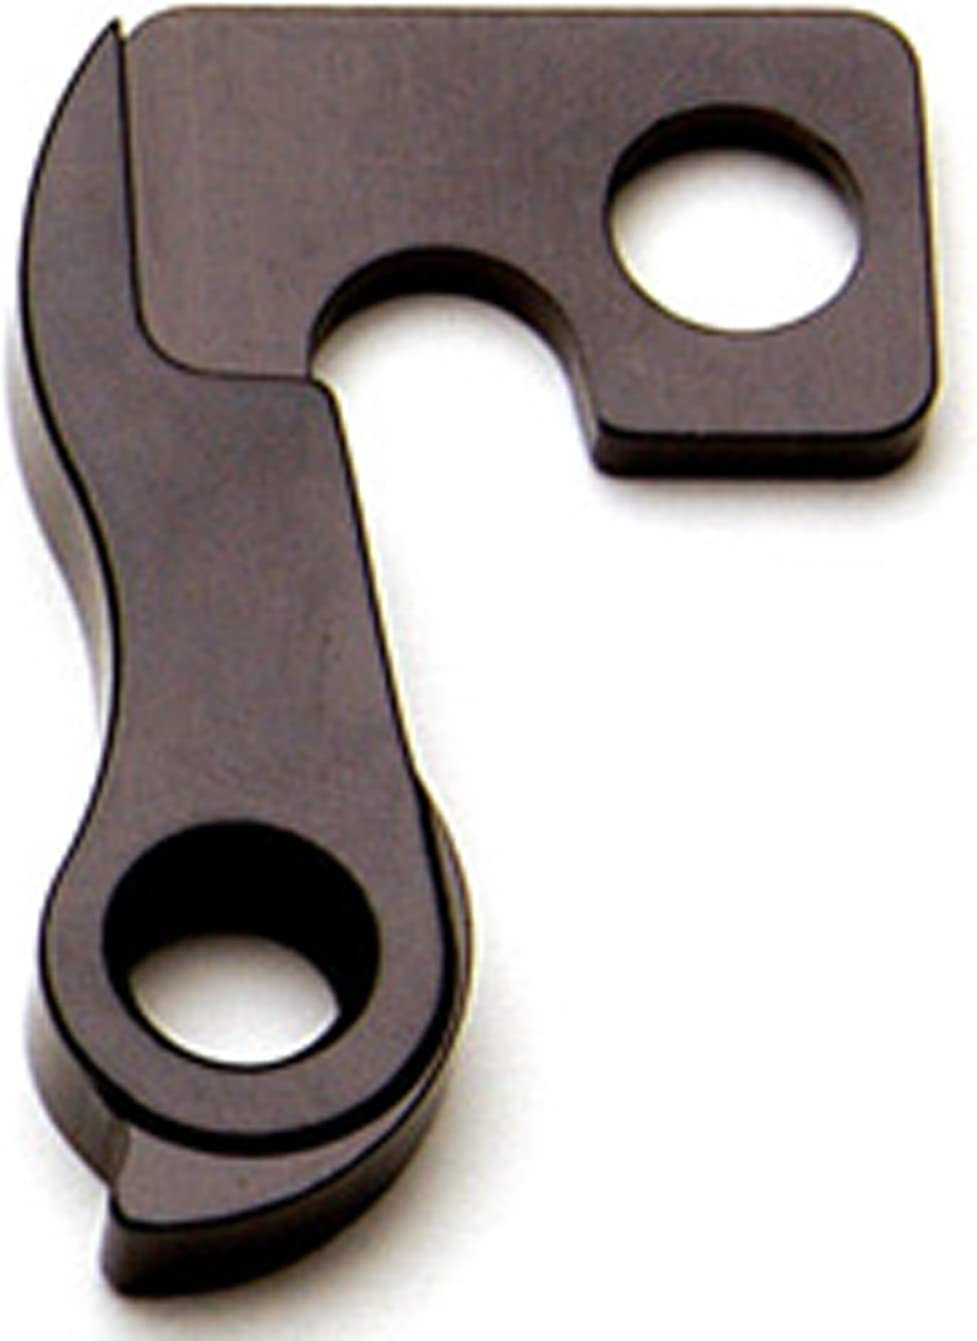 Wheels Manufacturing Dropout-50 Derailleur Hanger